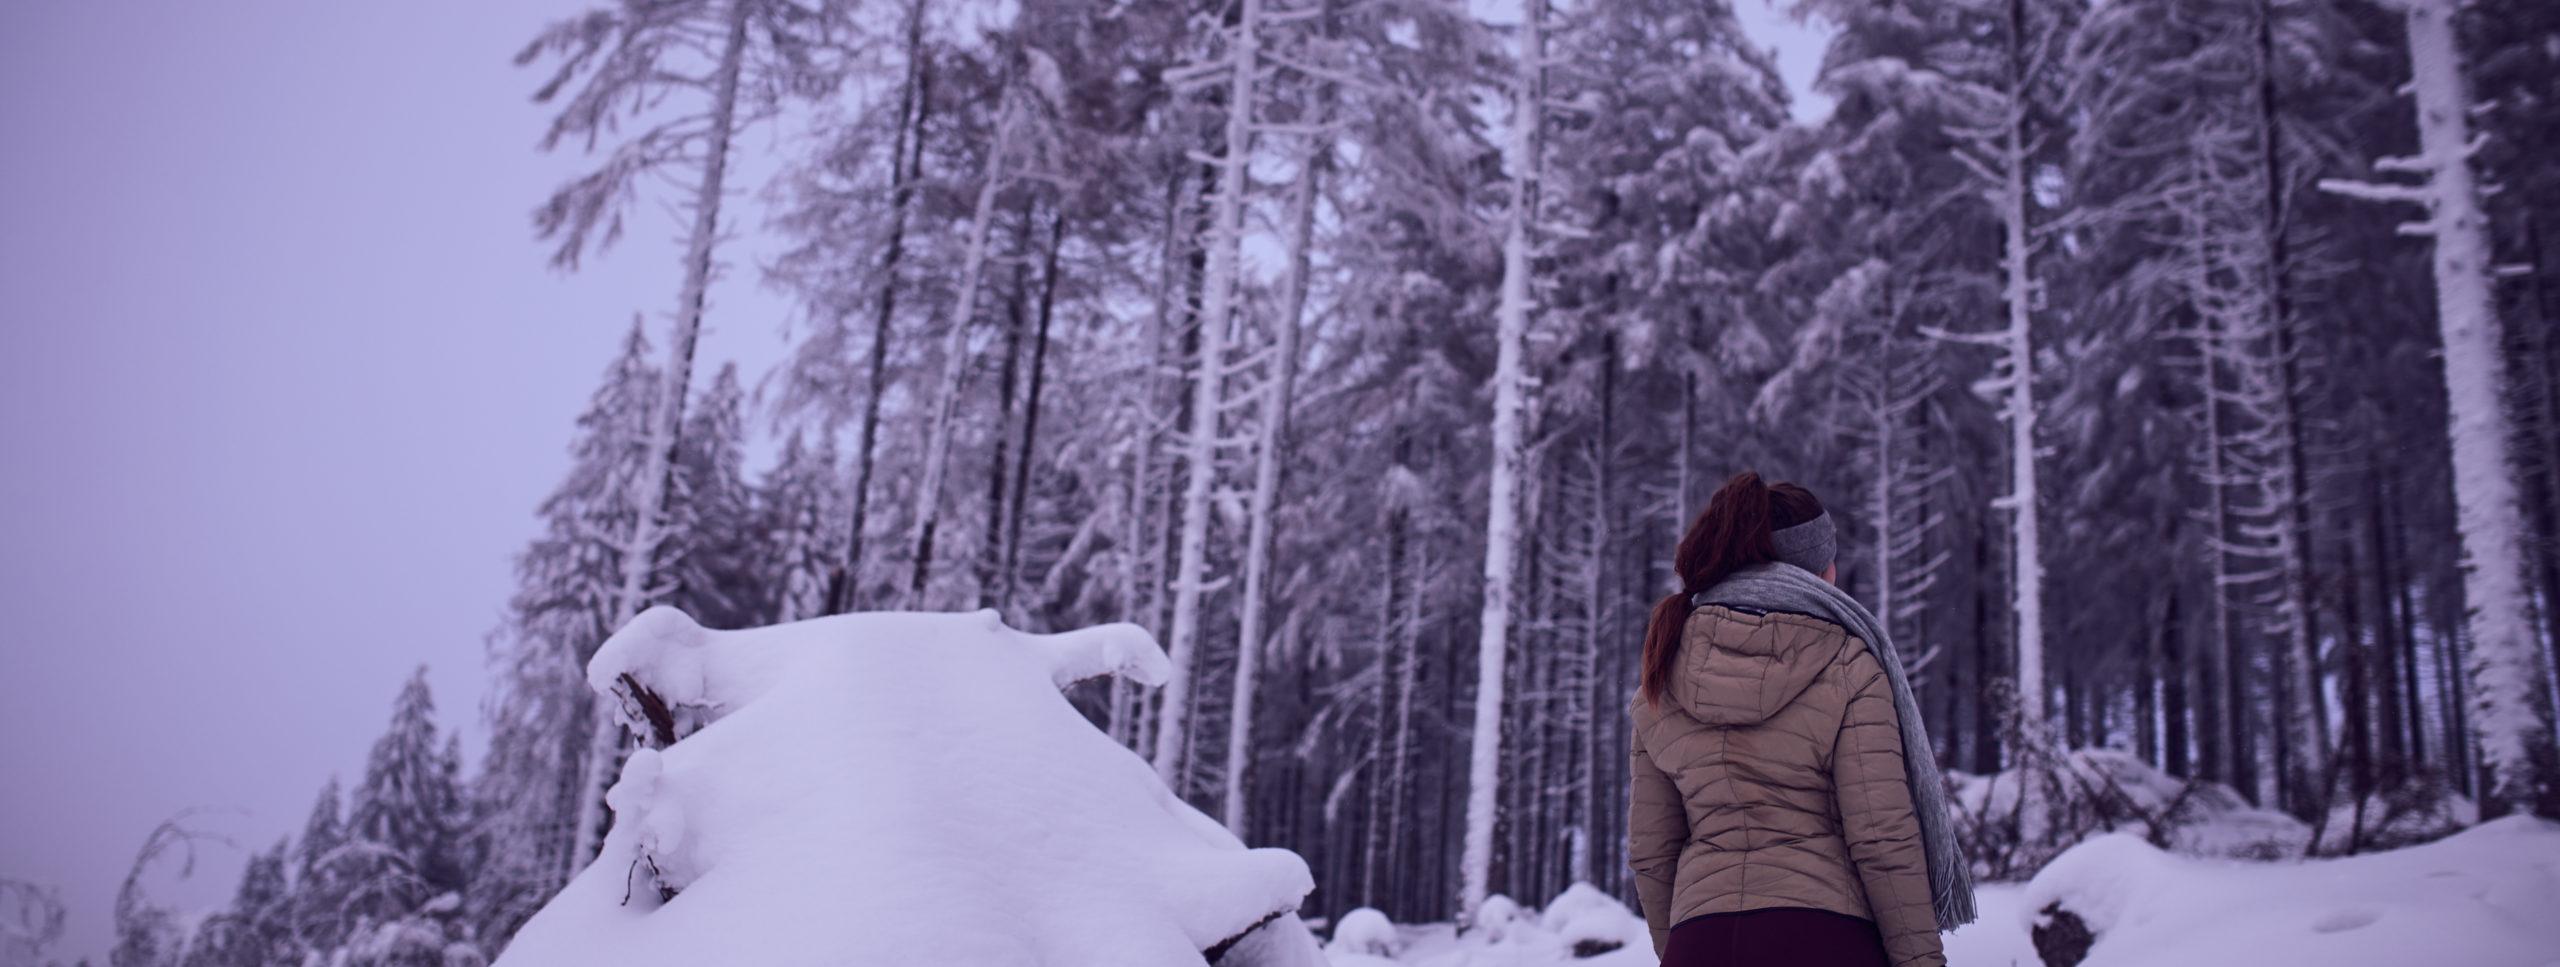 she wanders sieht Fichten auf dem Wurmberg im Schnee